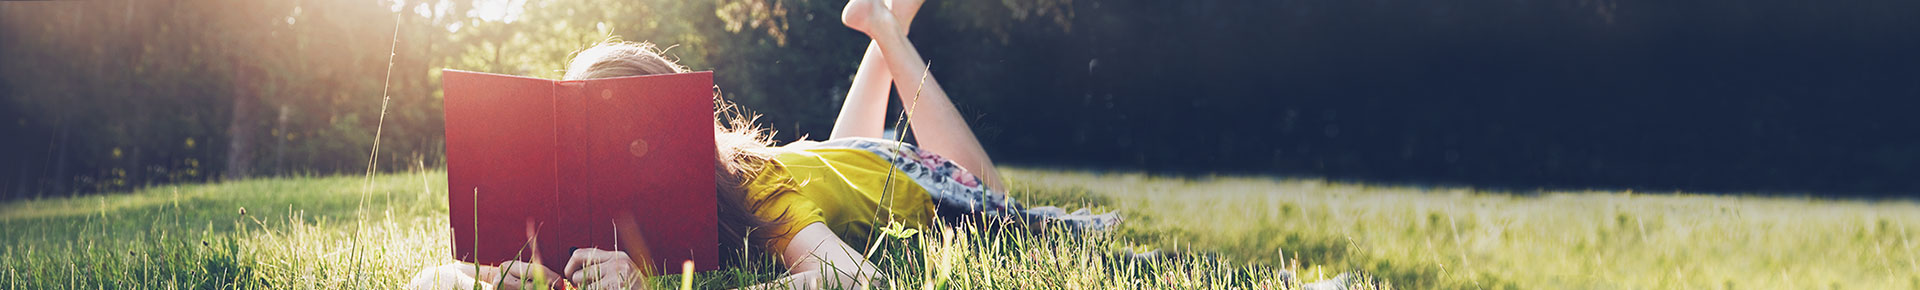 Inspiration für genüssliche Sommertage